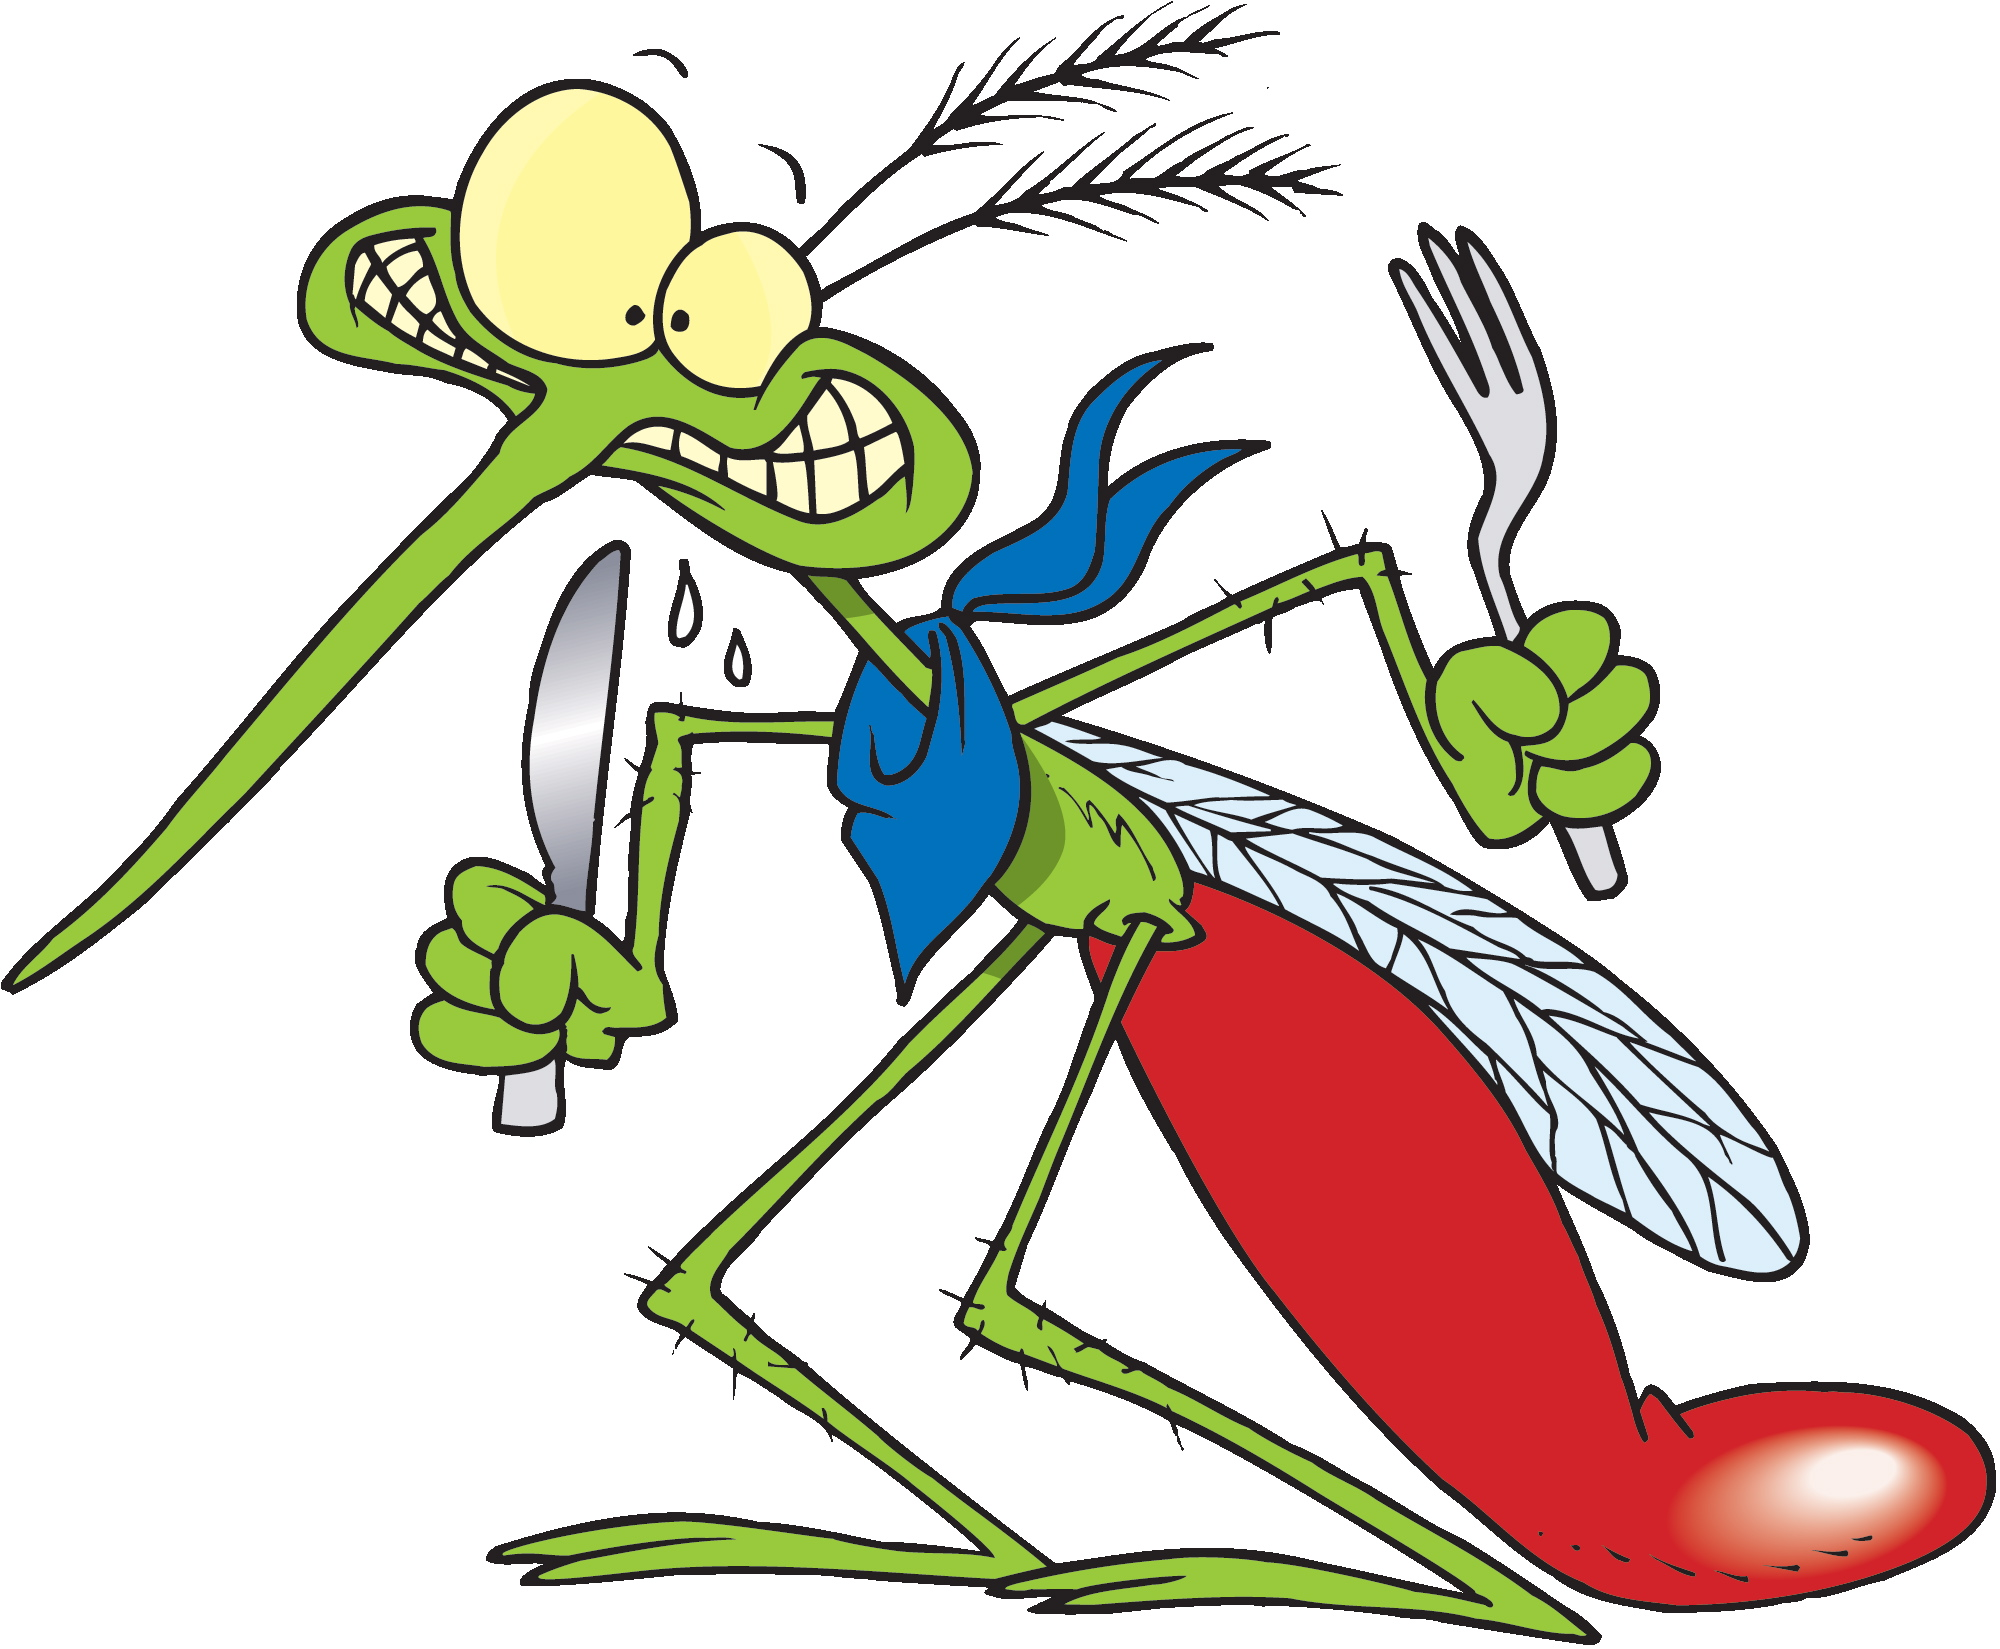 [Image: mosquito.jpg]